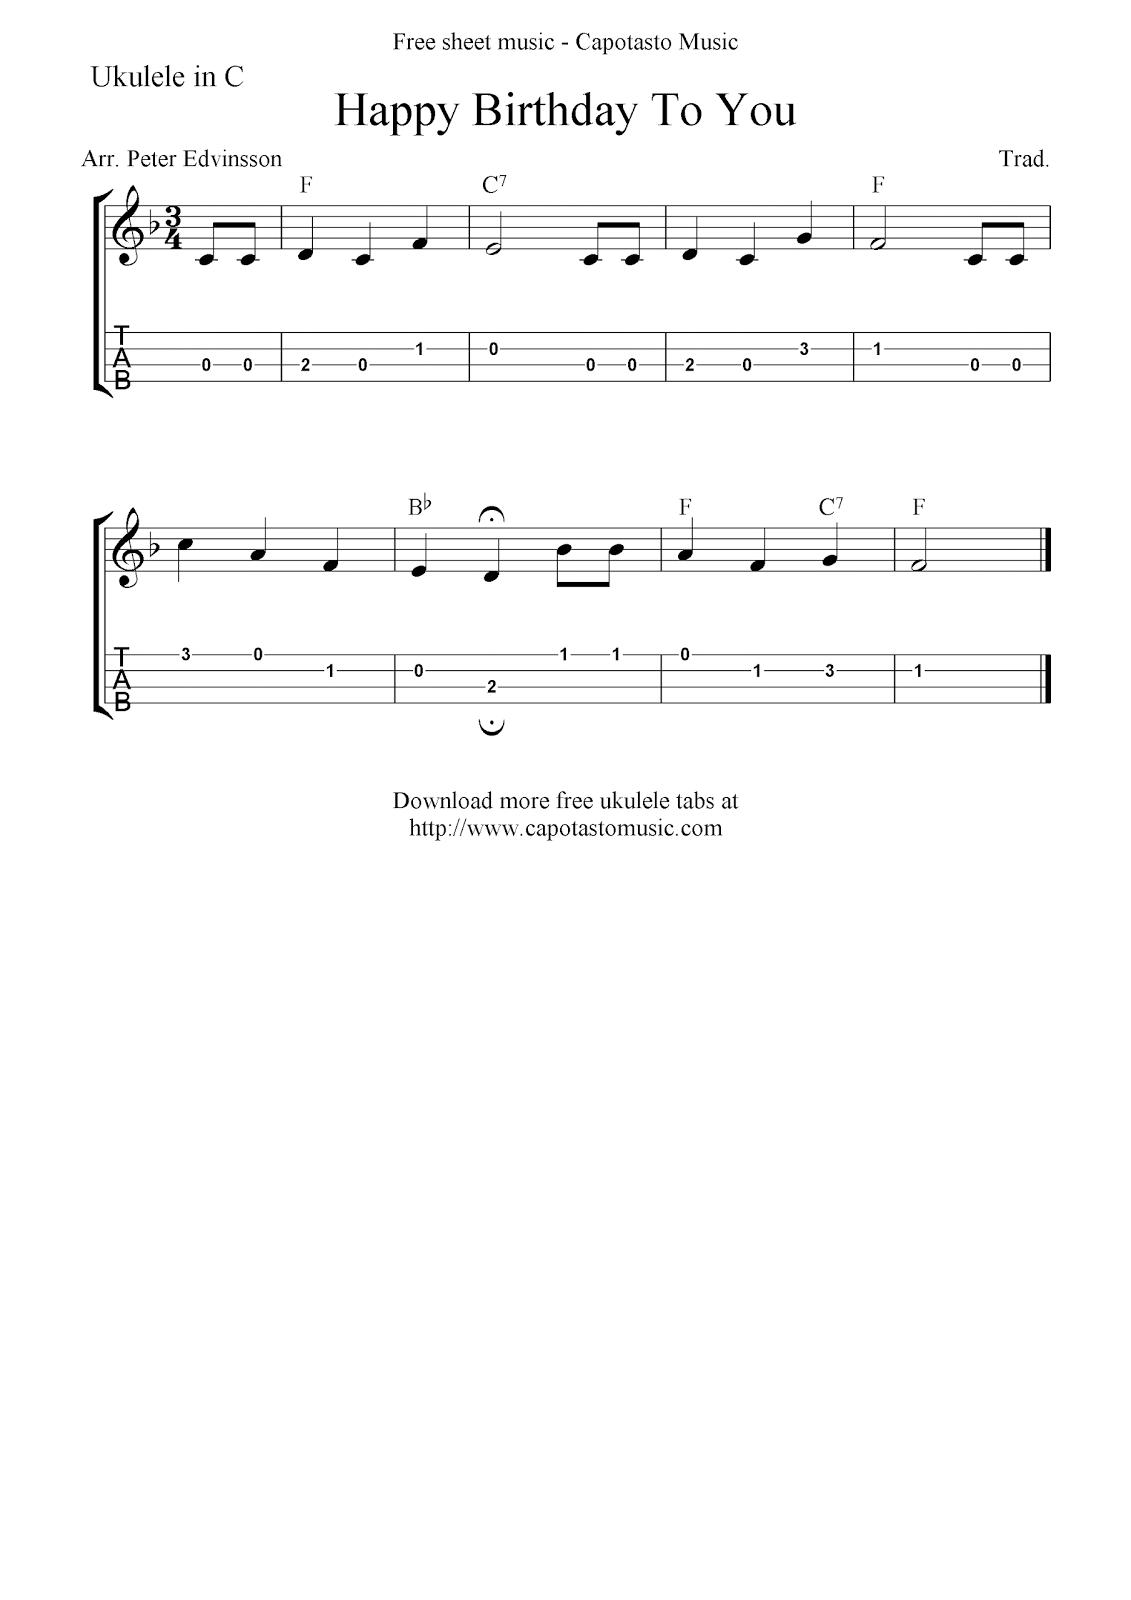 Happy Birthday To You Free Ukulele Tab Sheet Music